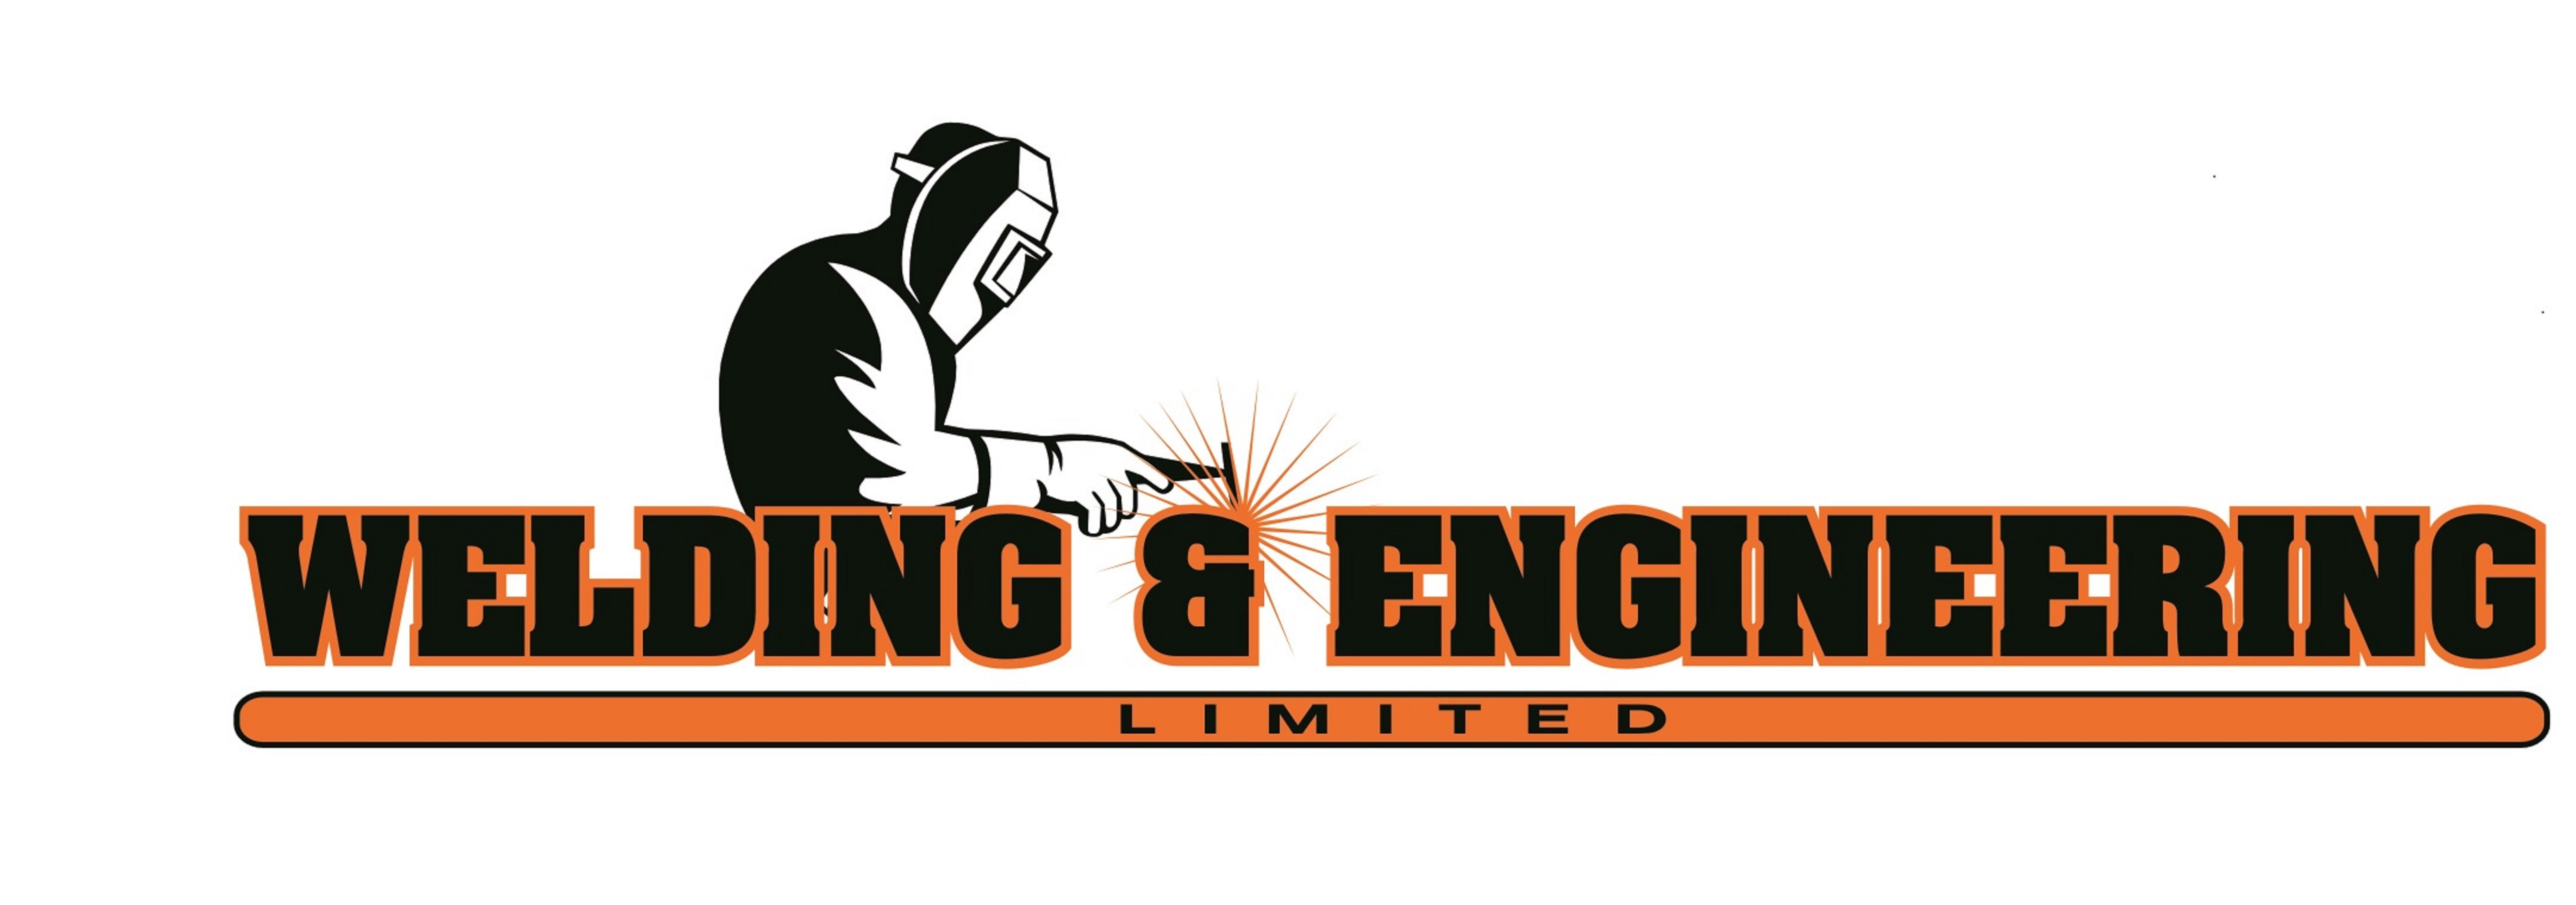 Welding & Engineering Ltd